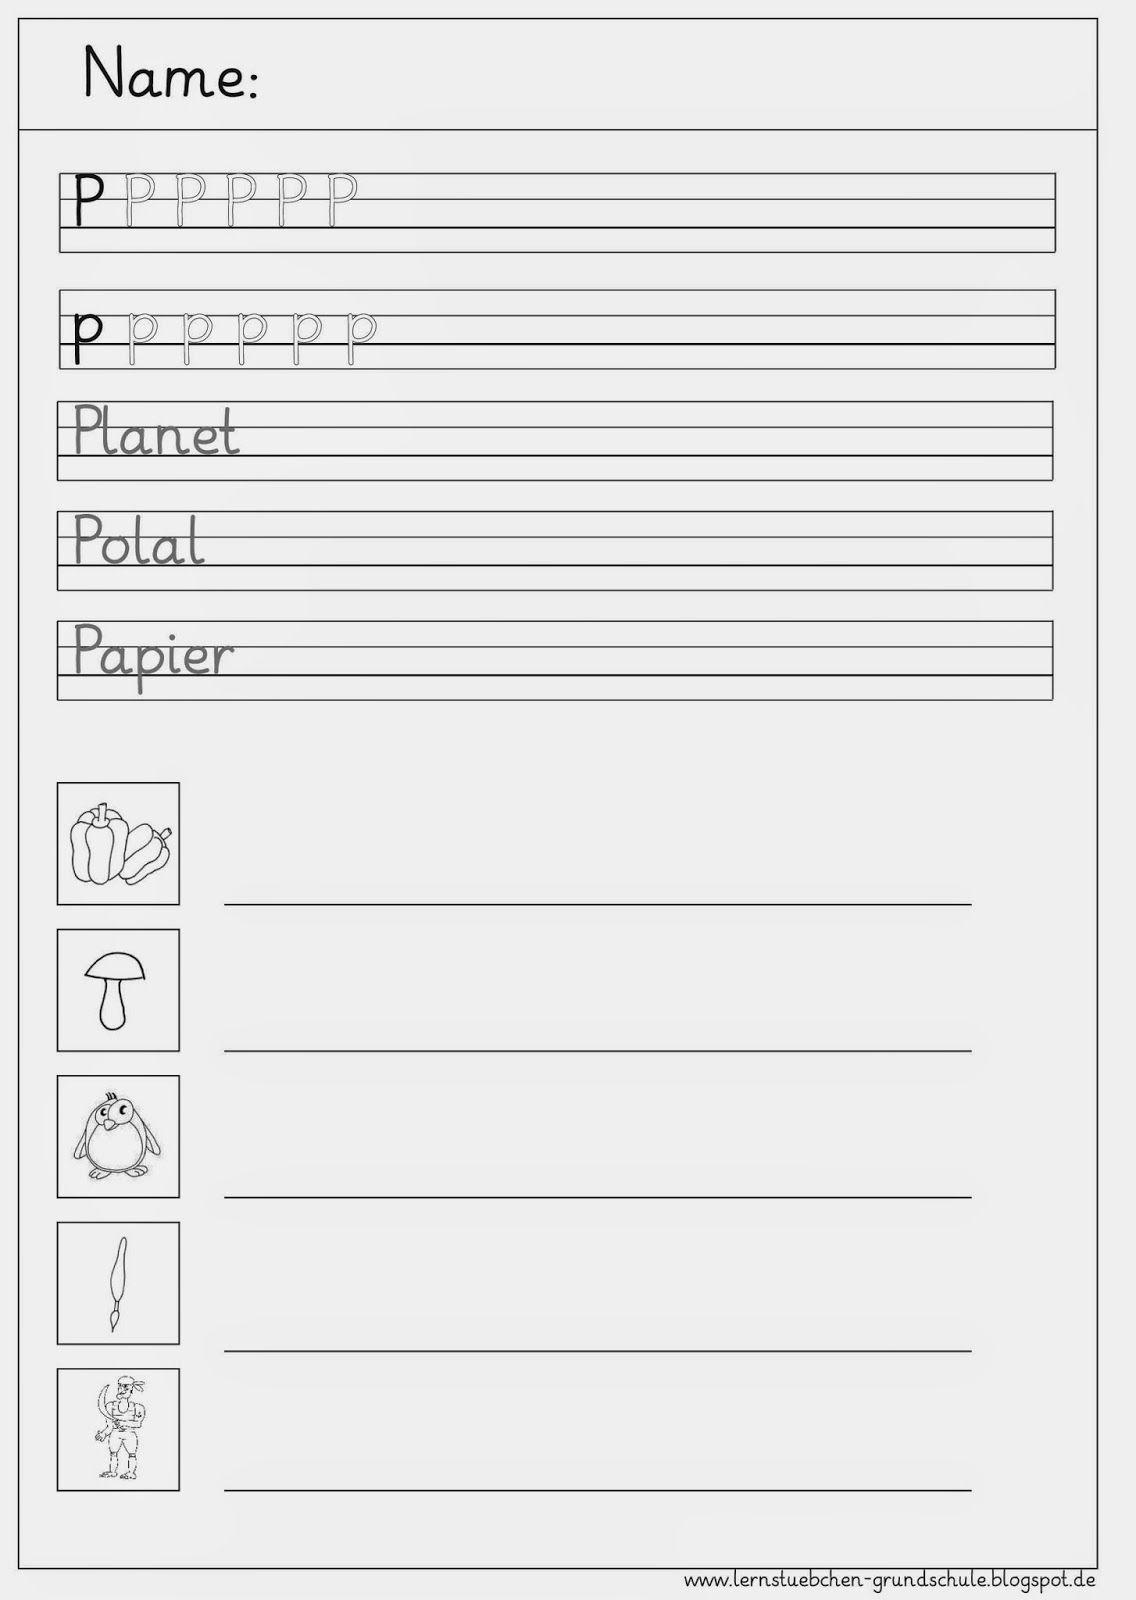 Schreibblätter Zum P - P (Mit Bildern)   Arbeitsblätter Zum in Schreibschrift P